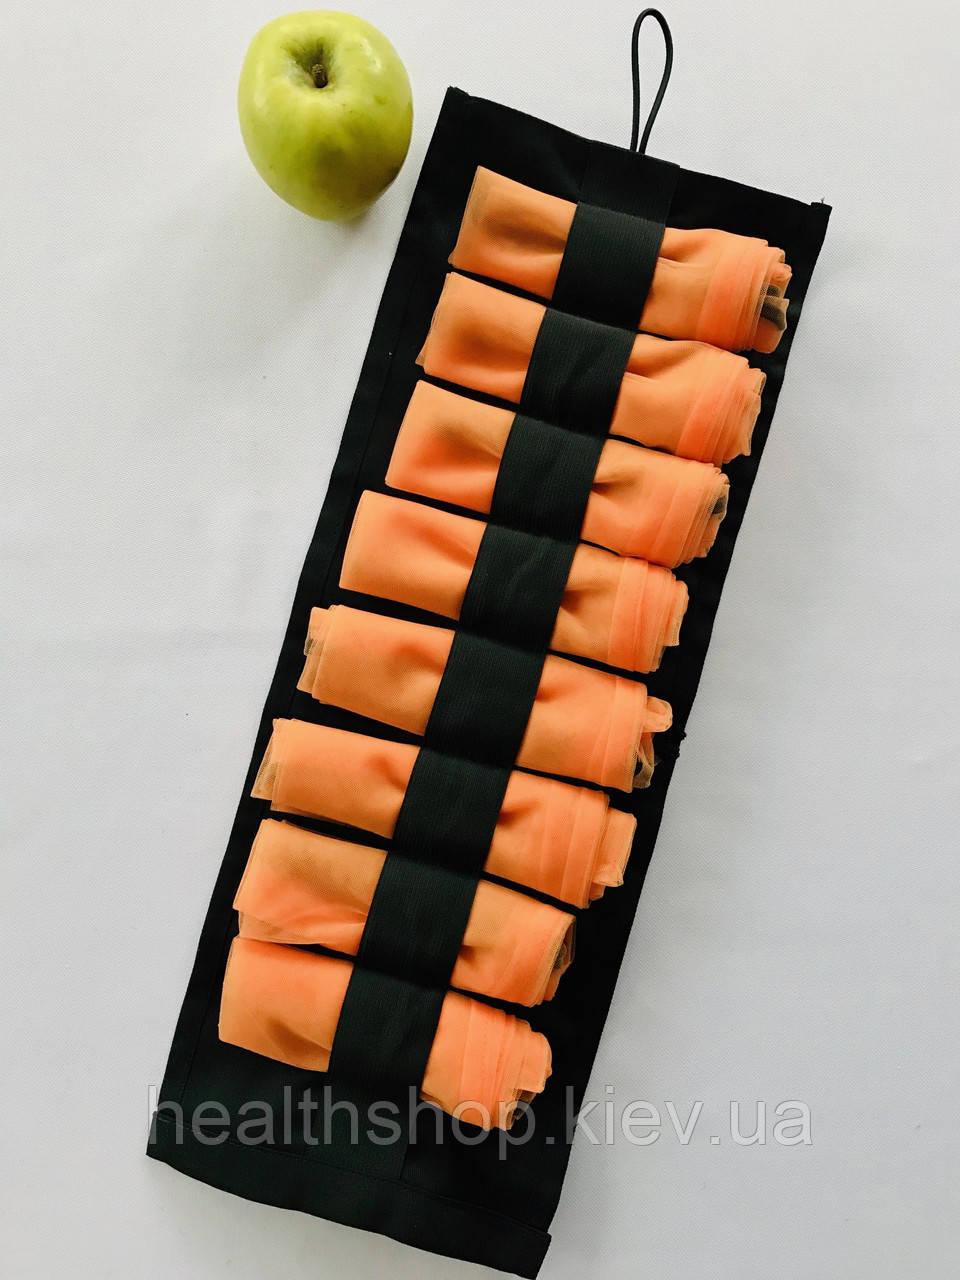 Багаторазові мішечки для продуктів, еко мішечки, сітки для овочів і фруктів 4 шт. червоно-зелений(+ органайзер)